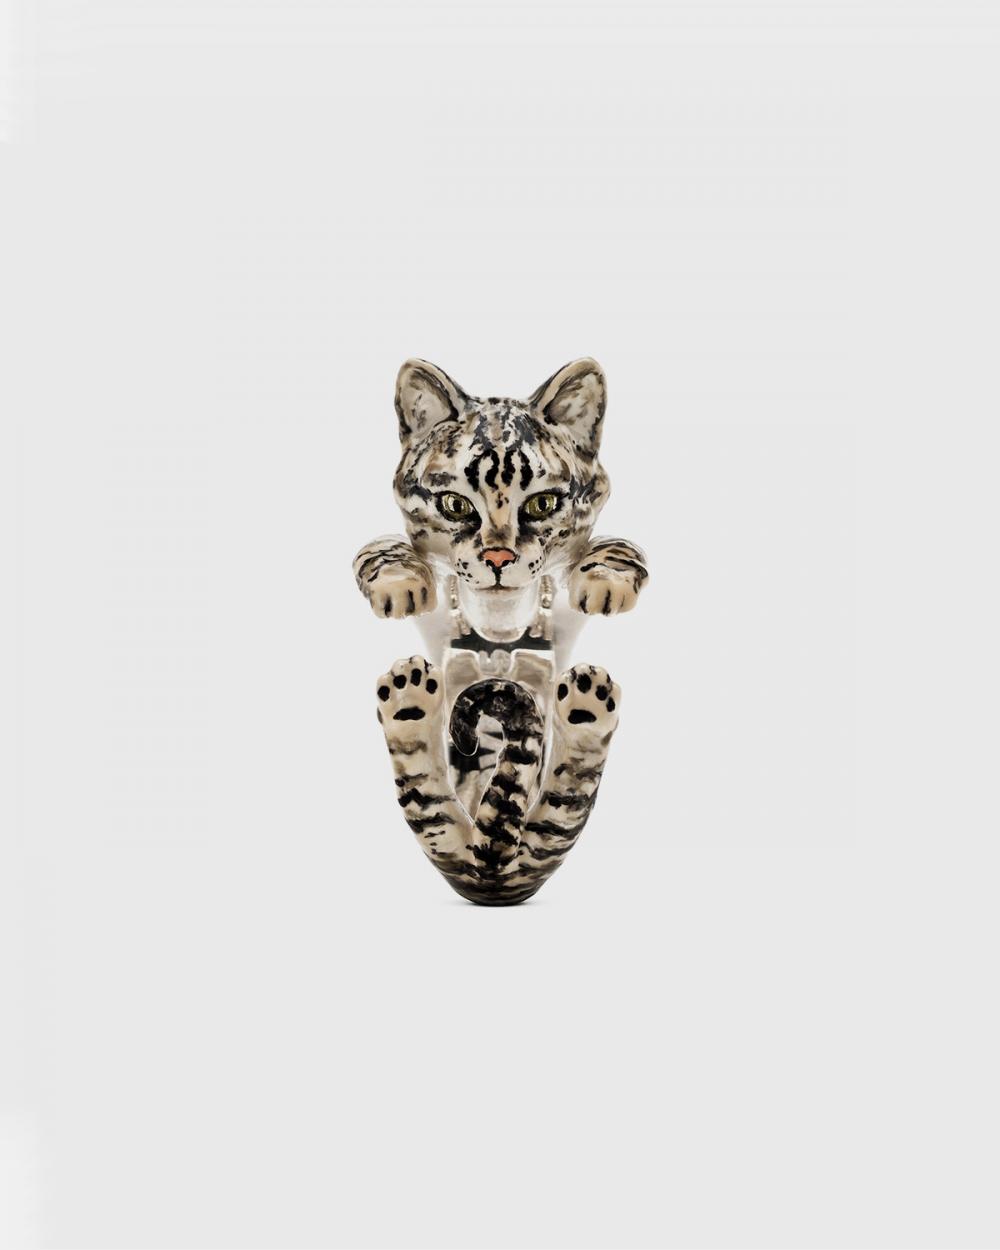 Anelli ANELLO HUG EUROPEO / SMALTO TIGRATO CAT FEVER NOVE25